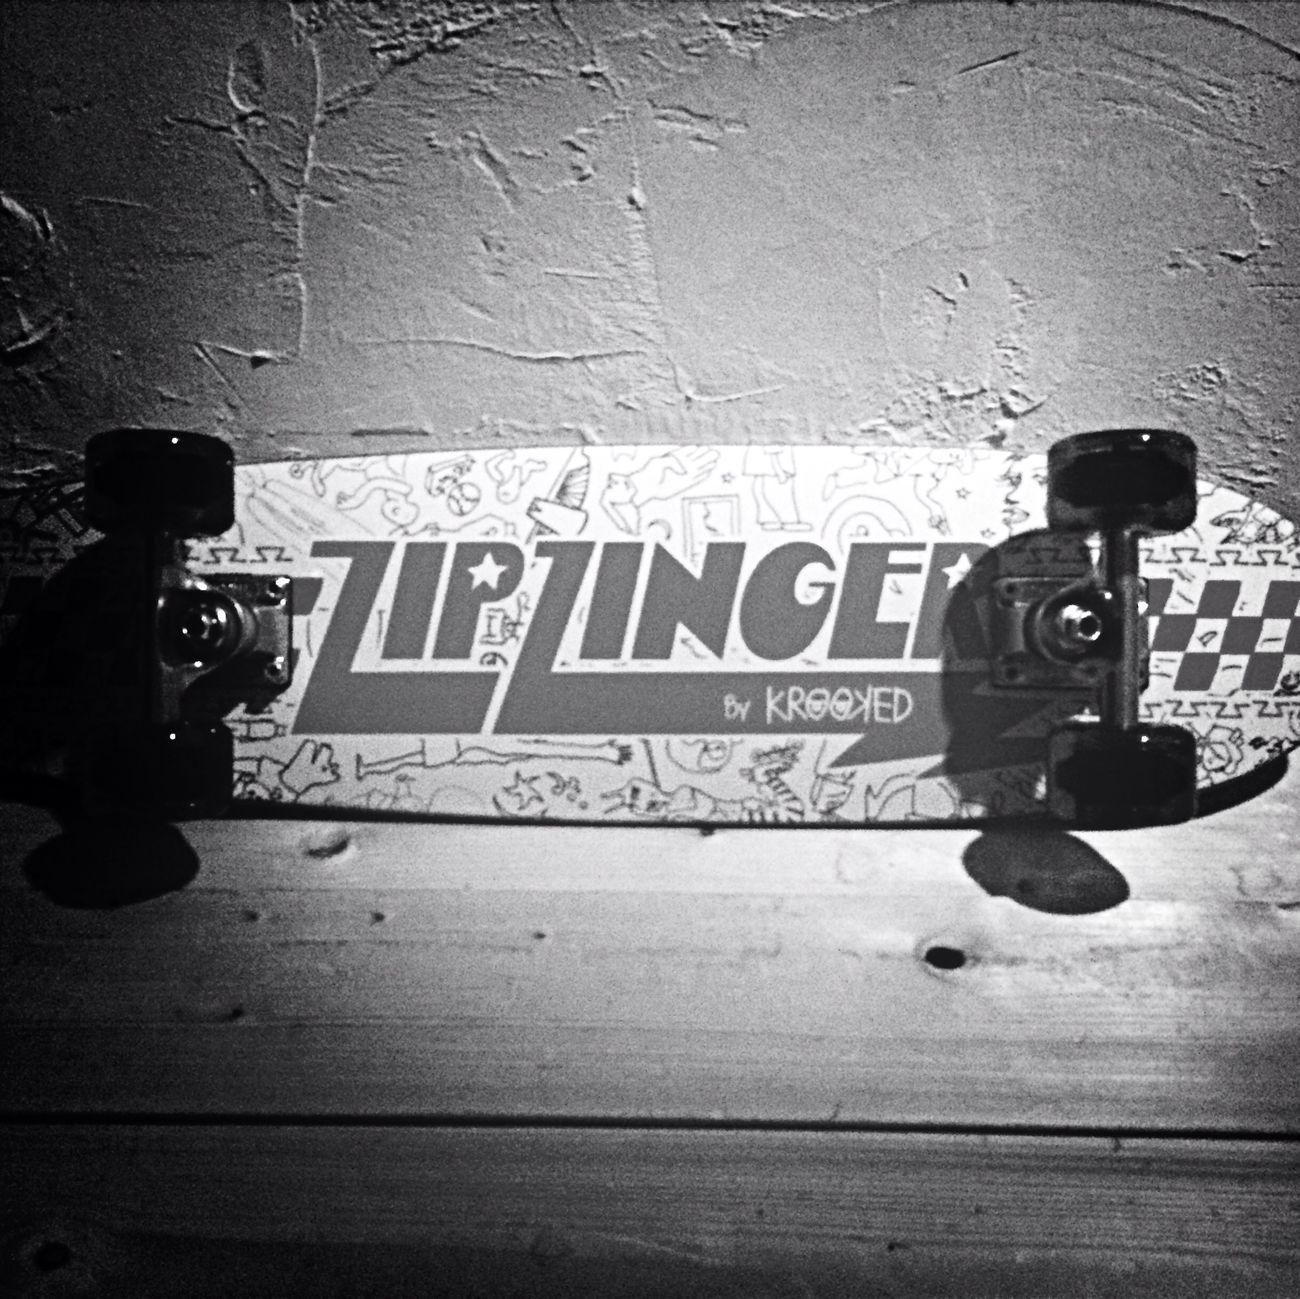 Sk8 Skateboarding Zip Zinger Birthday Present new cruising deck, ZipZinger × Independent × 65mm wheel